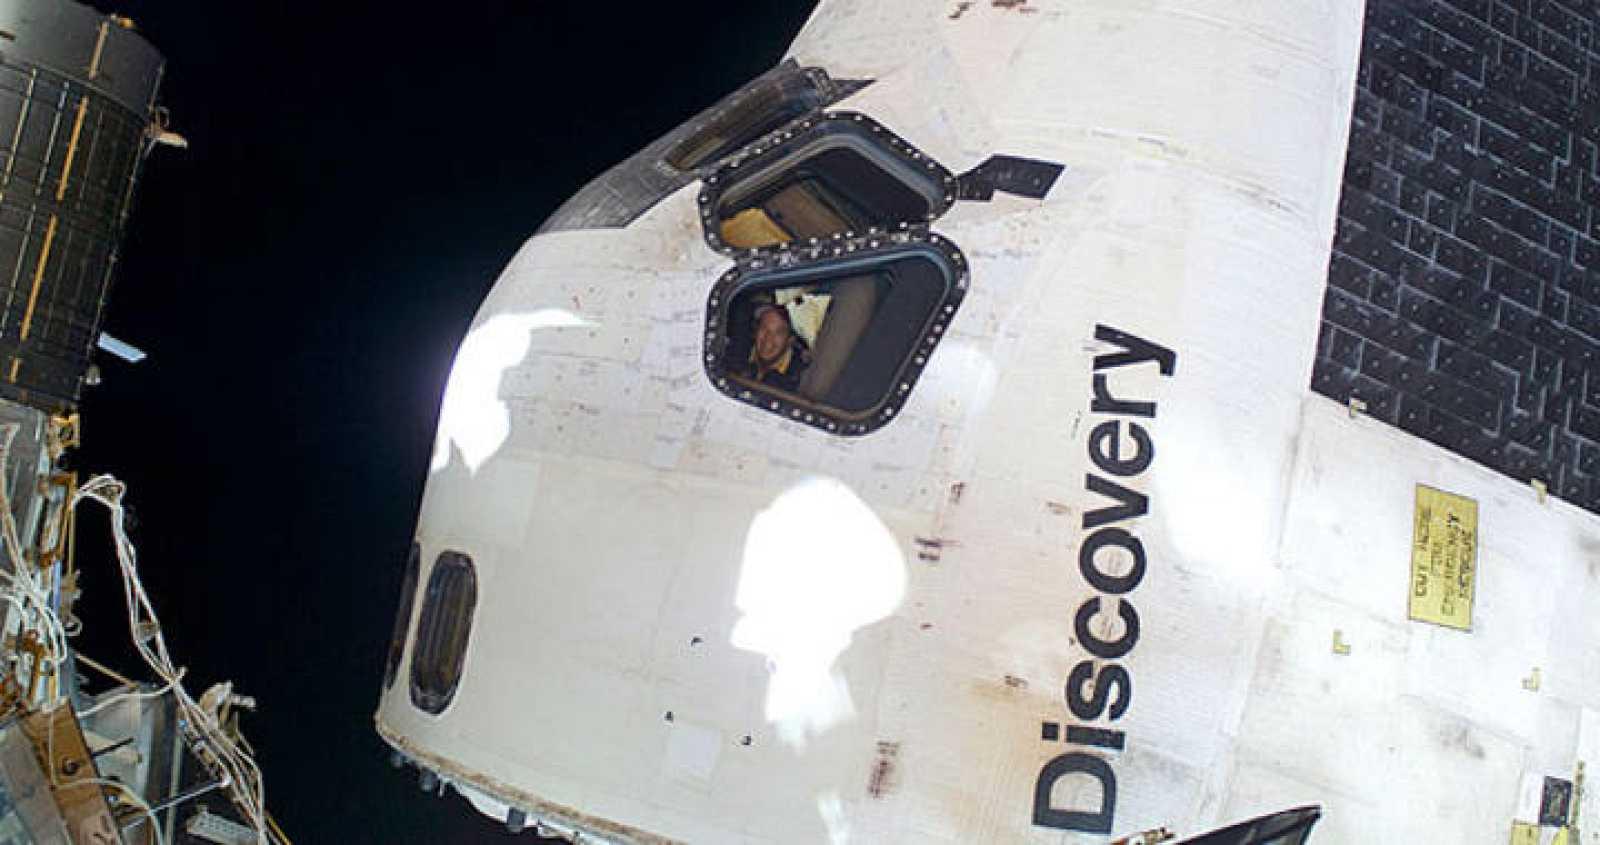 El transbordador Discovery, que llegó el domingo a la plataforma espacial